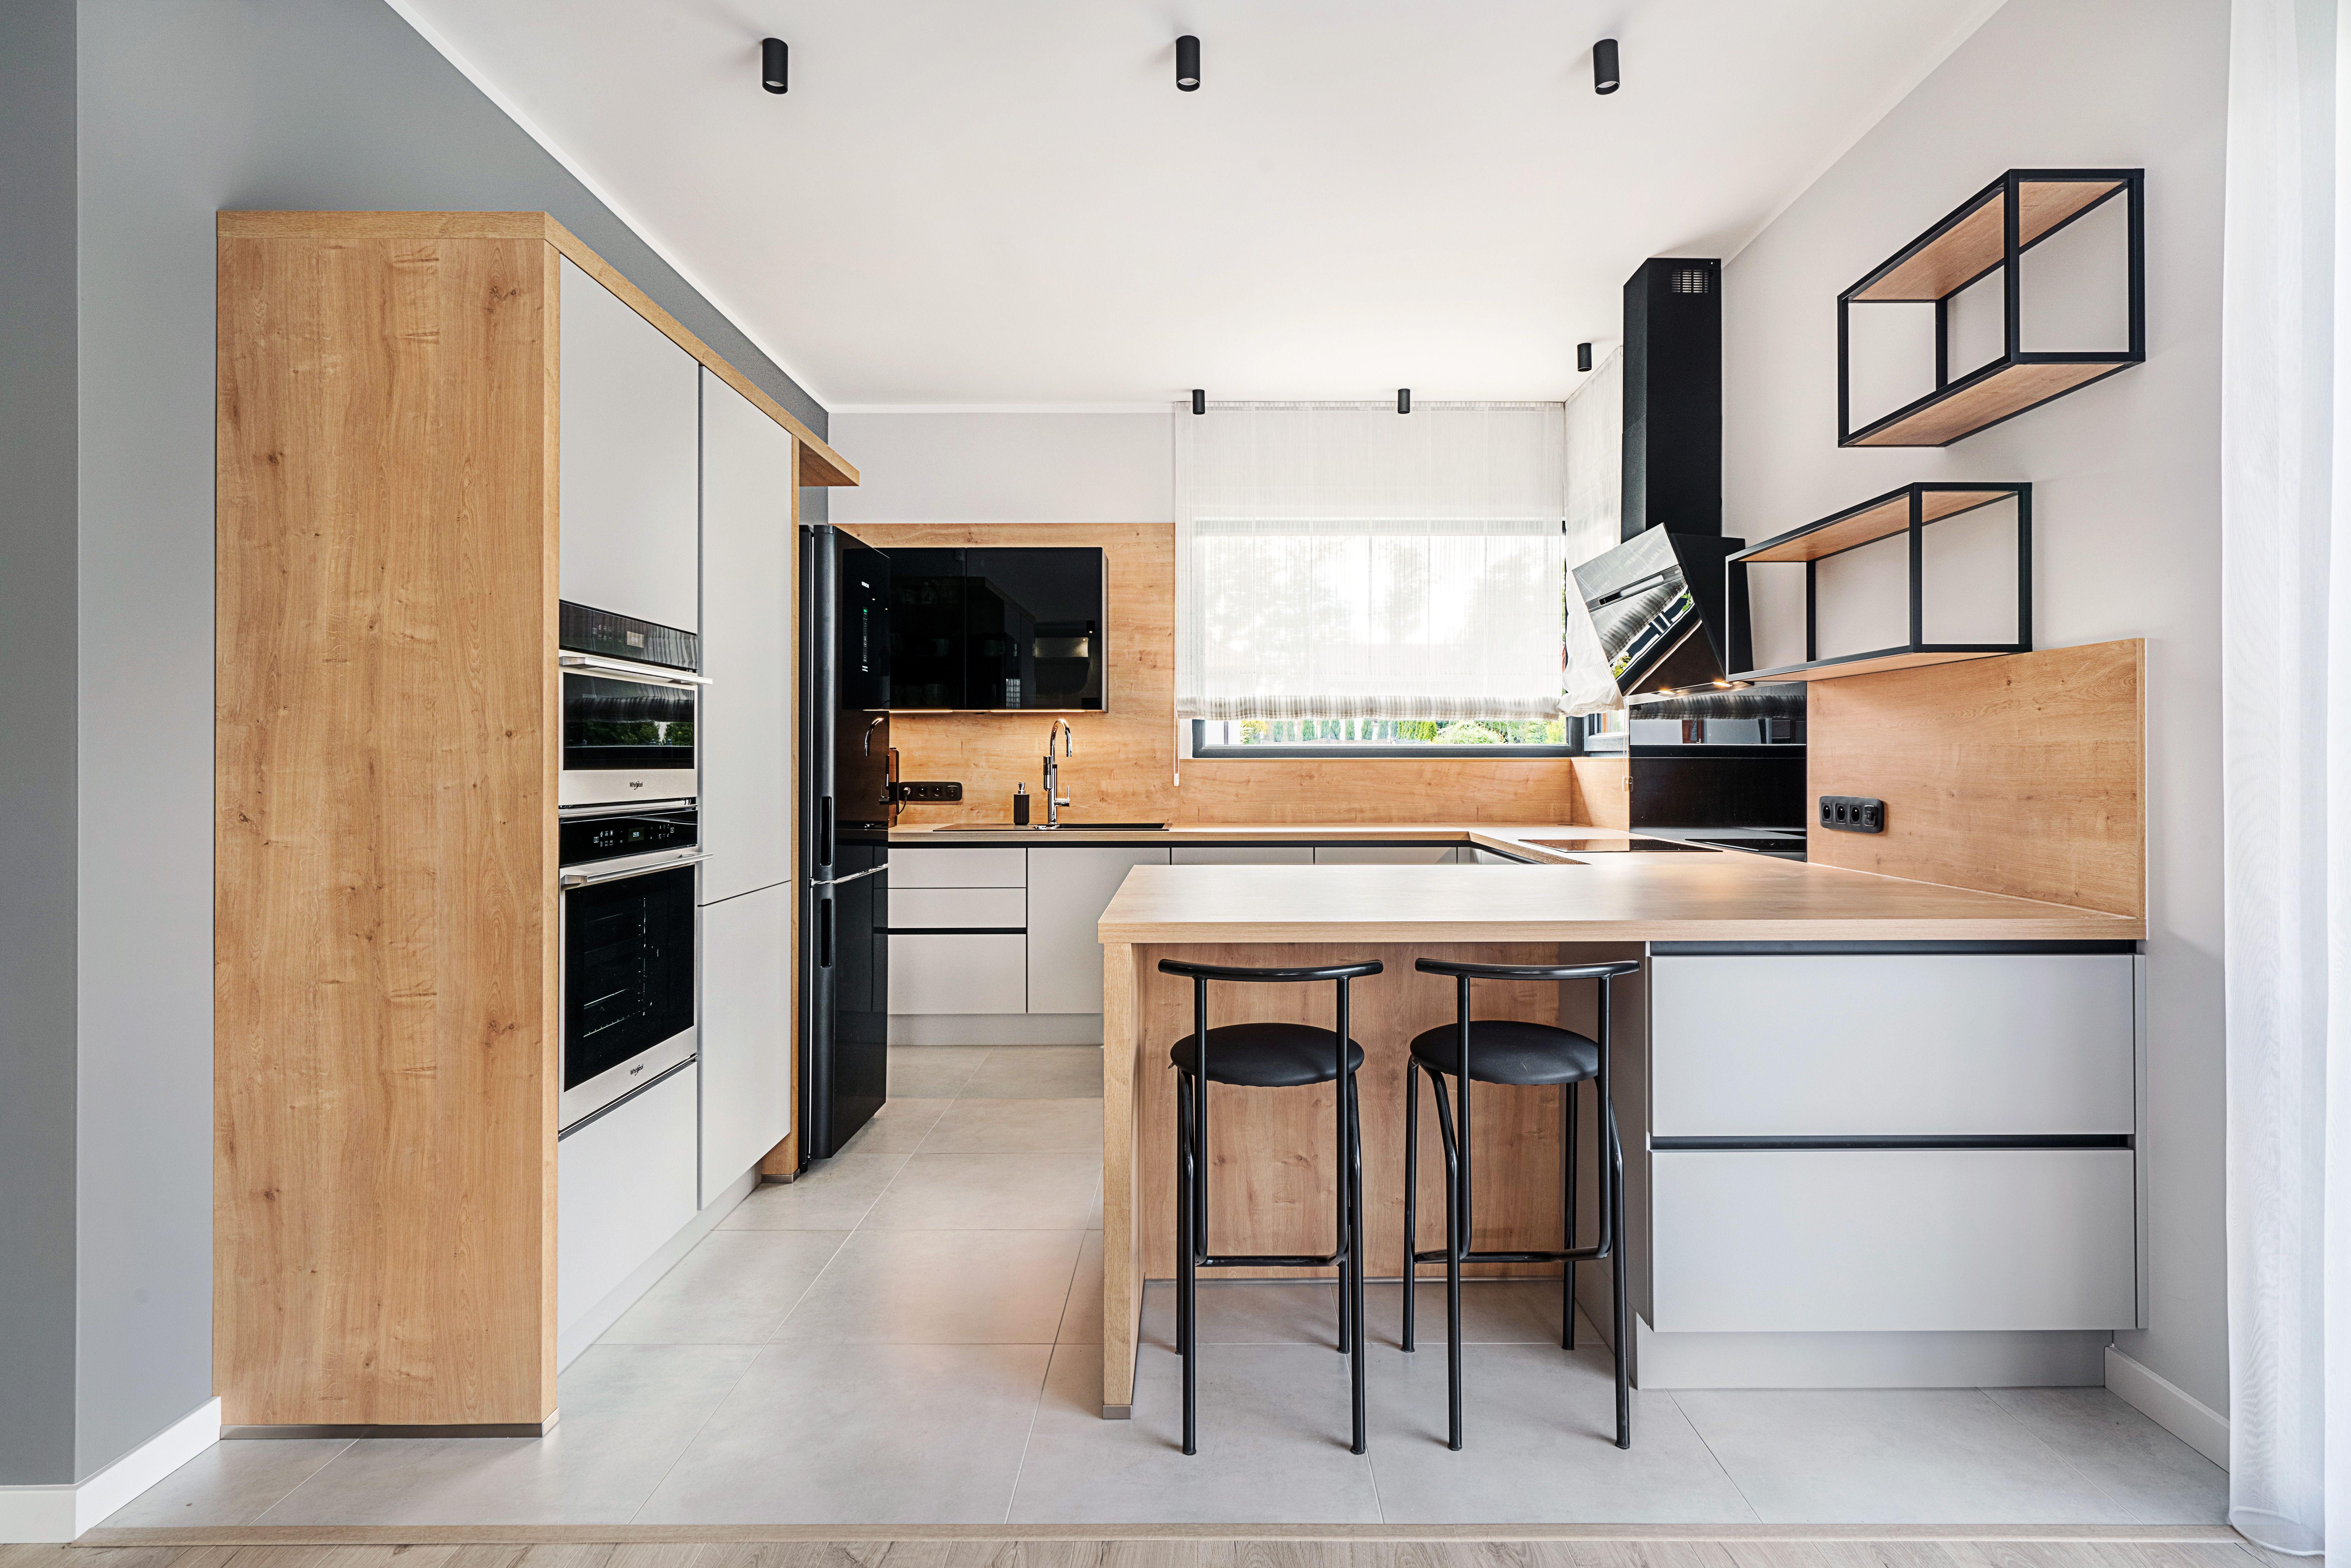 Spojna Przestrzen Kuchenna Ktora Otwiera Sie Na Salon To Gwarancja Utrzymania Estetycznej Aranzacji Obu Pomieszczen Jasnoszar Interior Design Home Decor Home